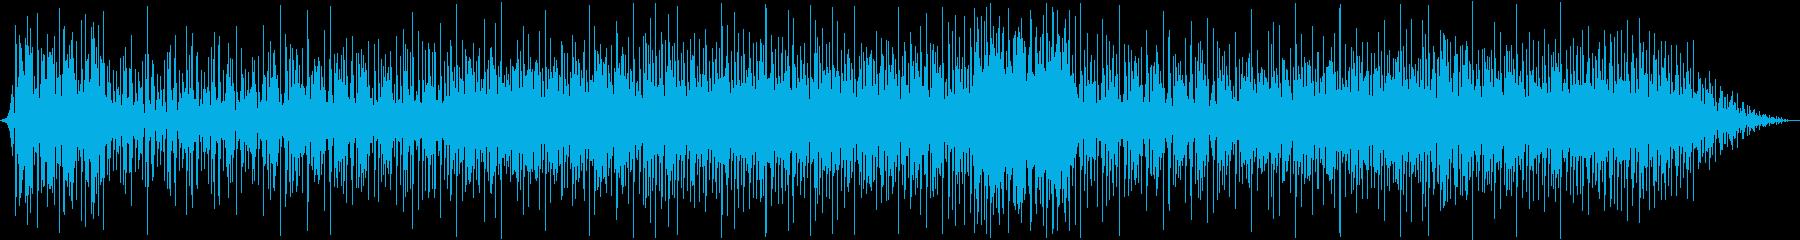 バイオリンの対位法、アラビア語、ド...の再生済みの波形